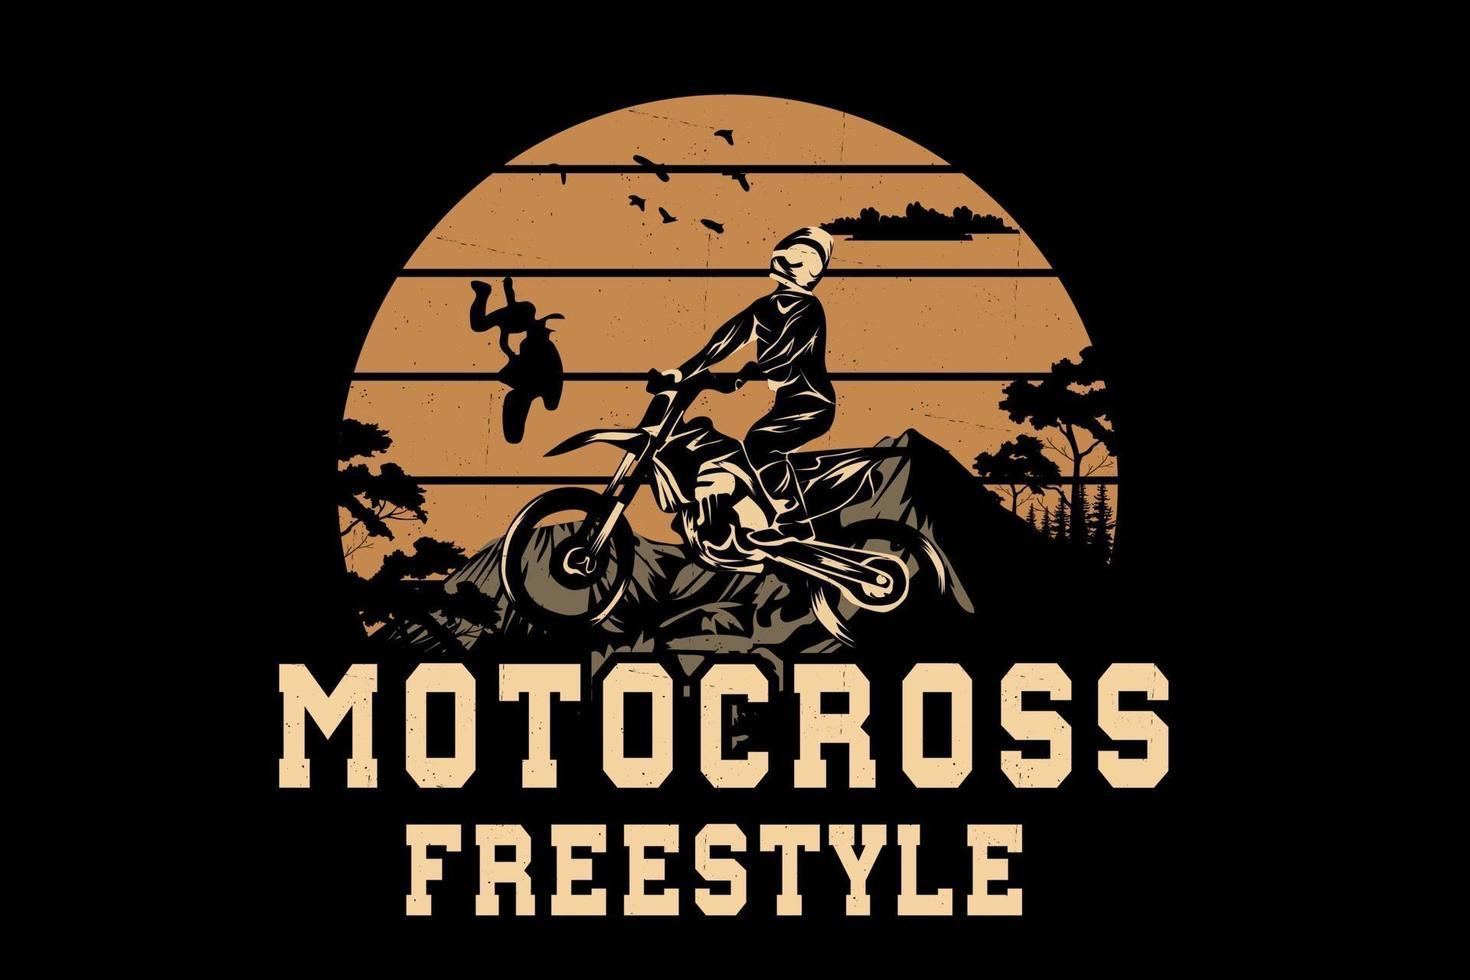 design da silhueta da equipe de motocross estilo livre vetor